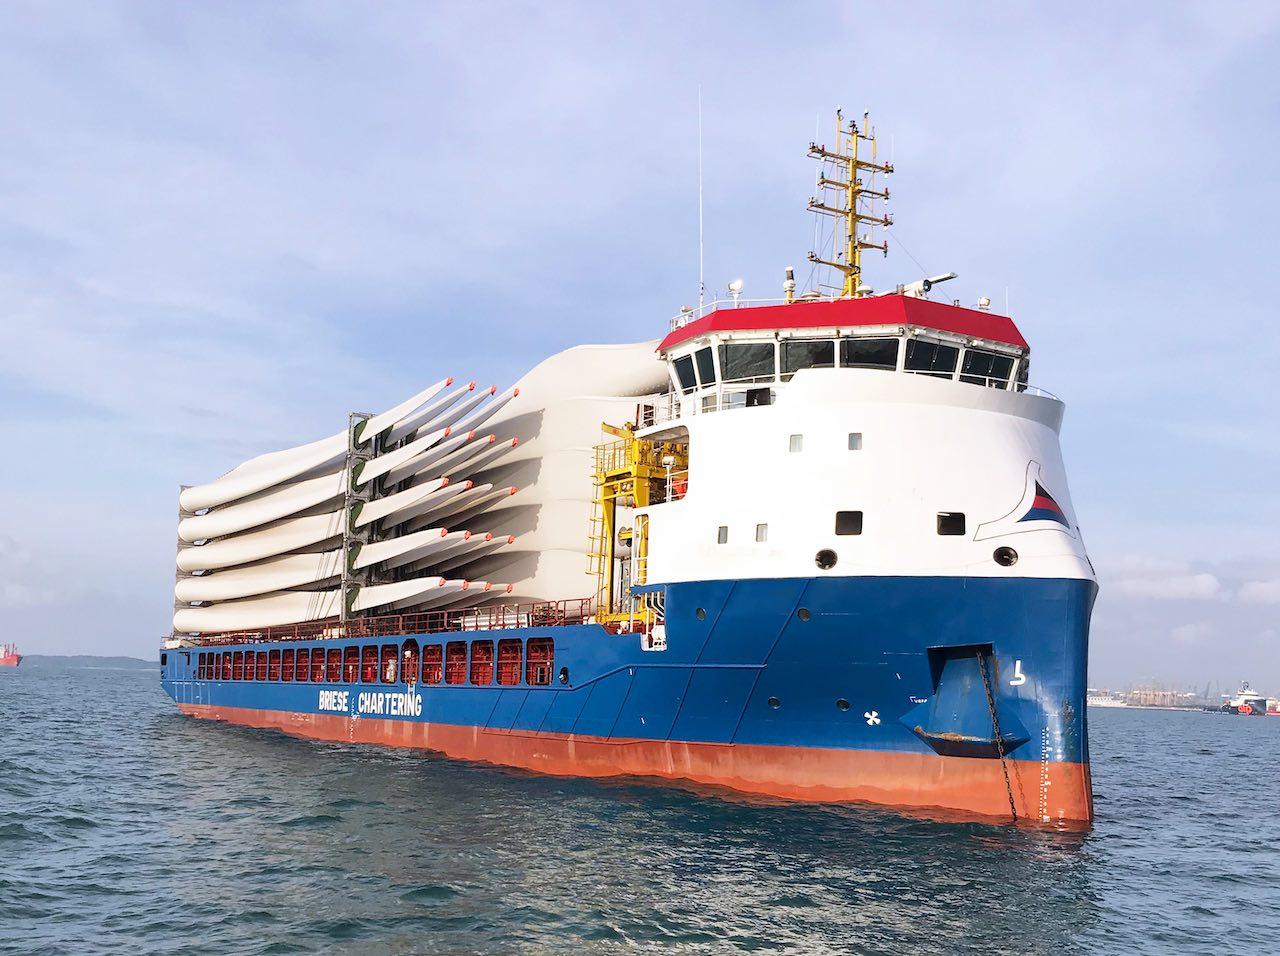 Von Oltmann platzierter Frachter mit Flügeln für Windenergieanlagen beladen